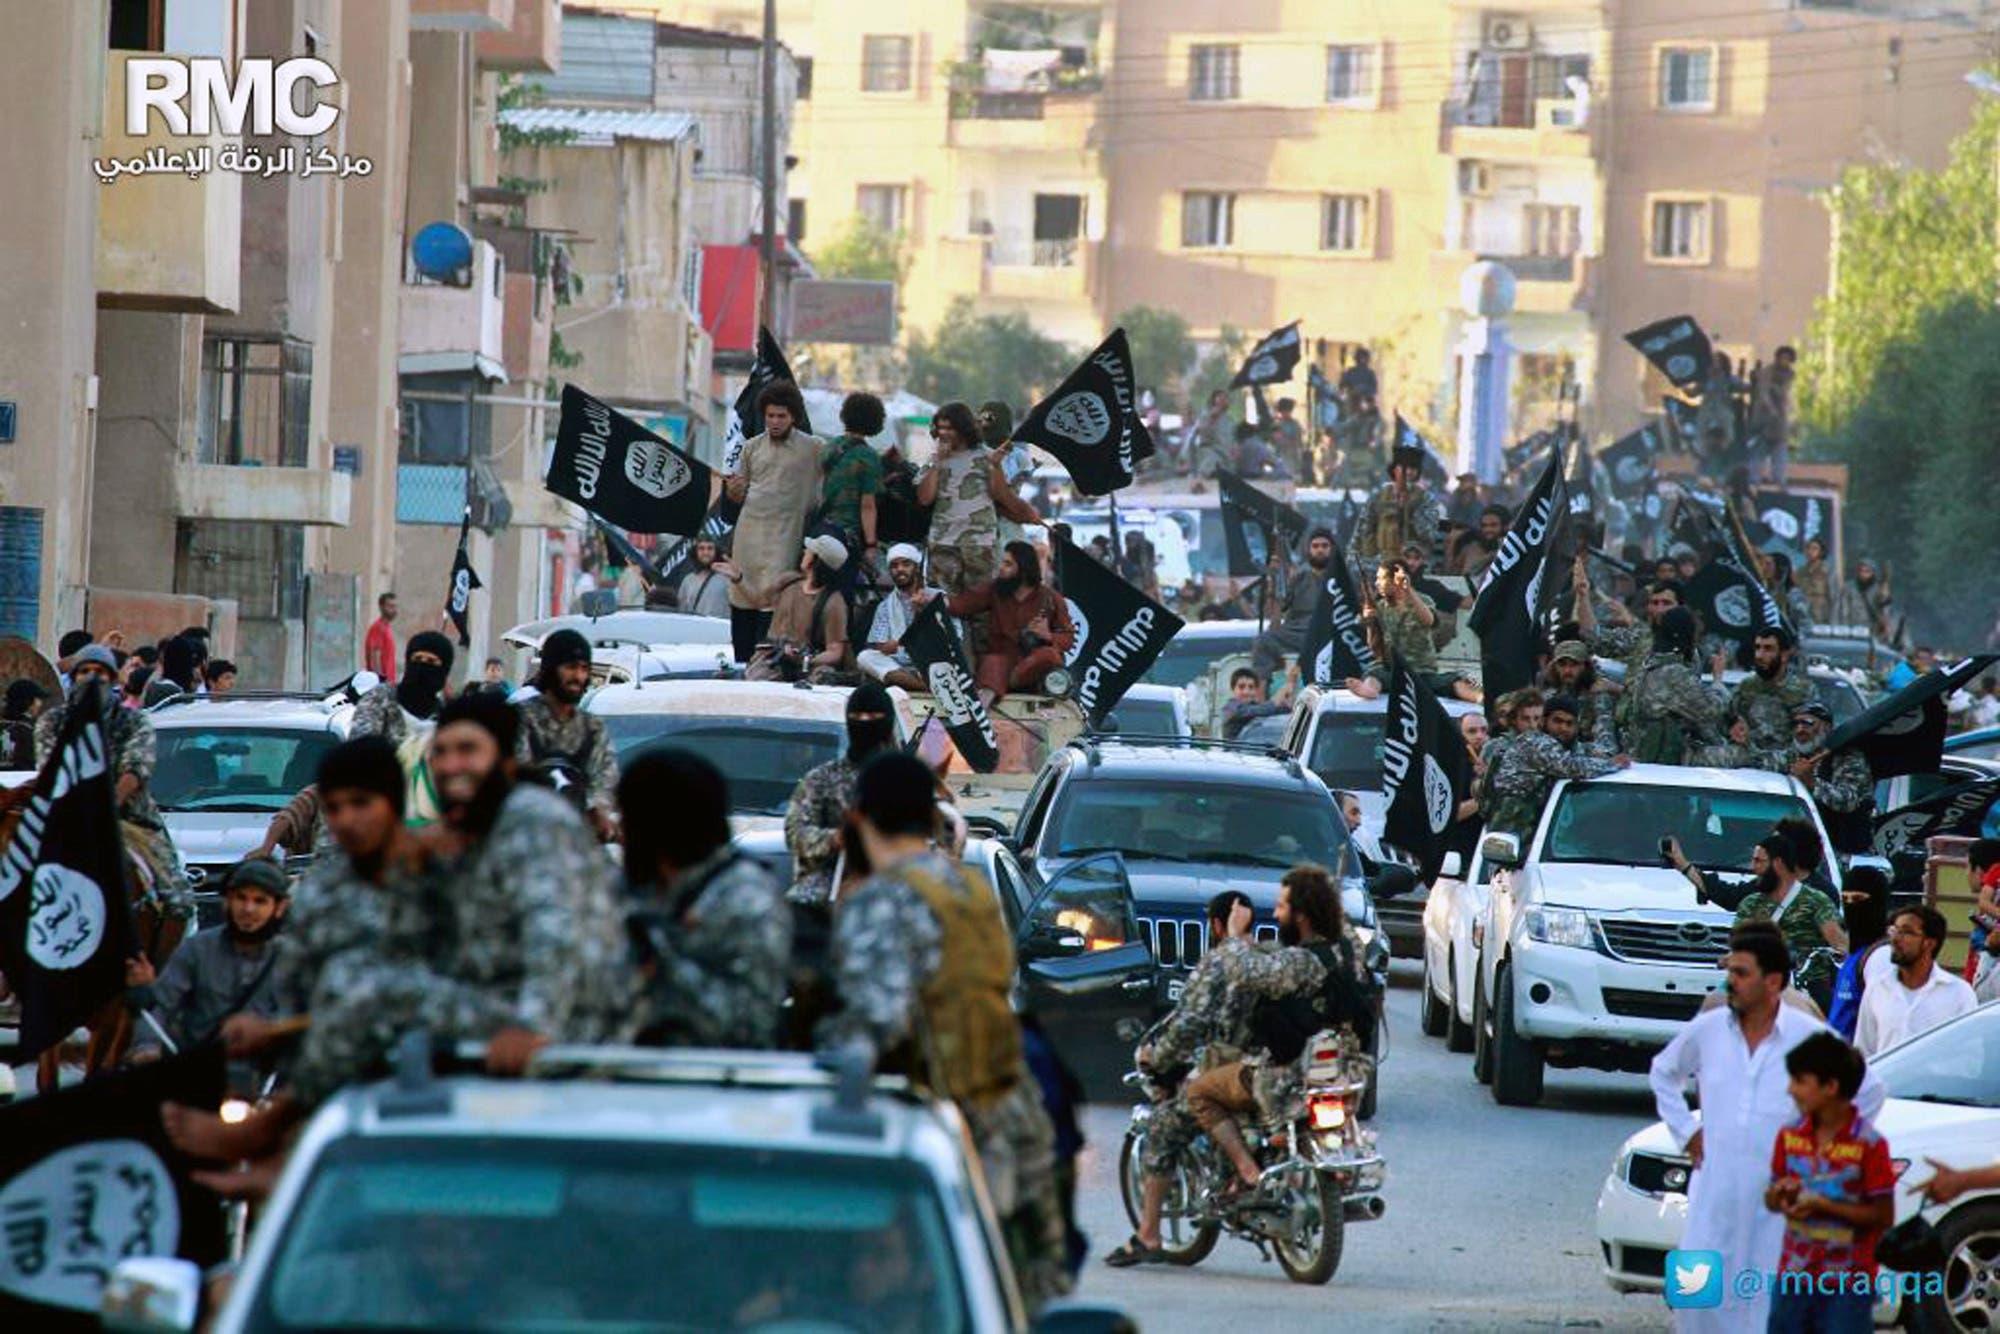 عناصر من مقاتلي داعش في الرقة(أرشيفية)